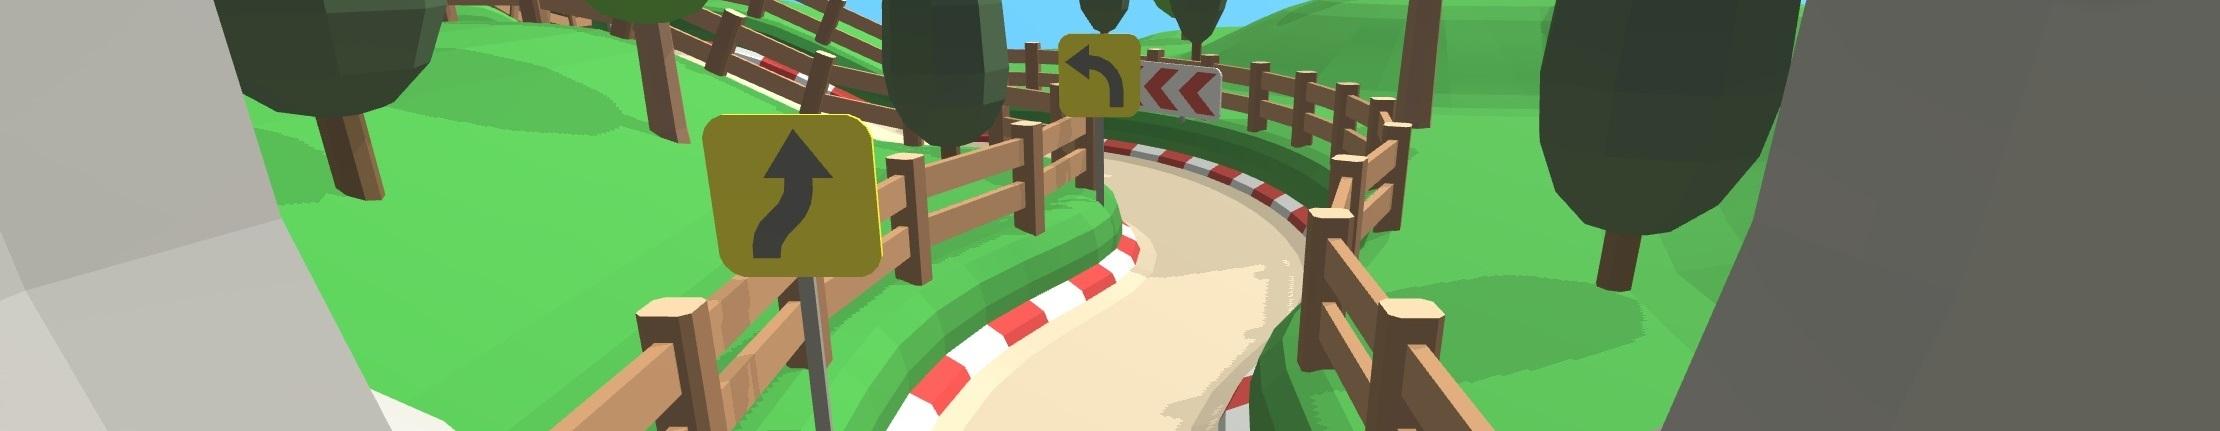 Modular Racekart Track - Hilly Terrain Theme